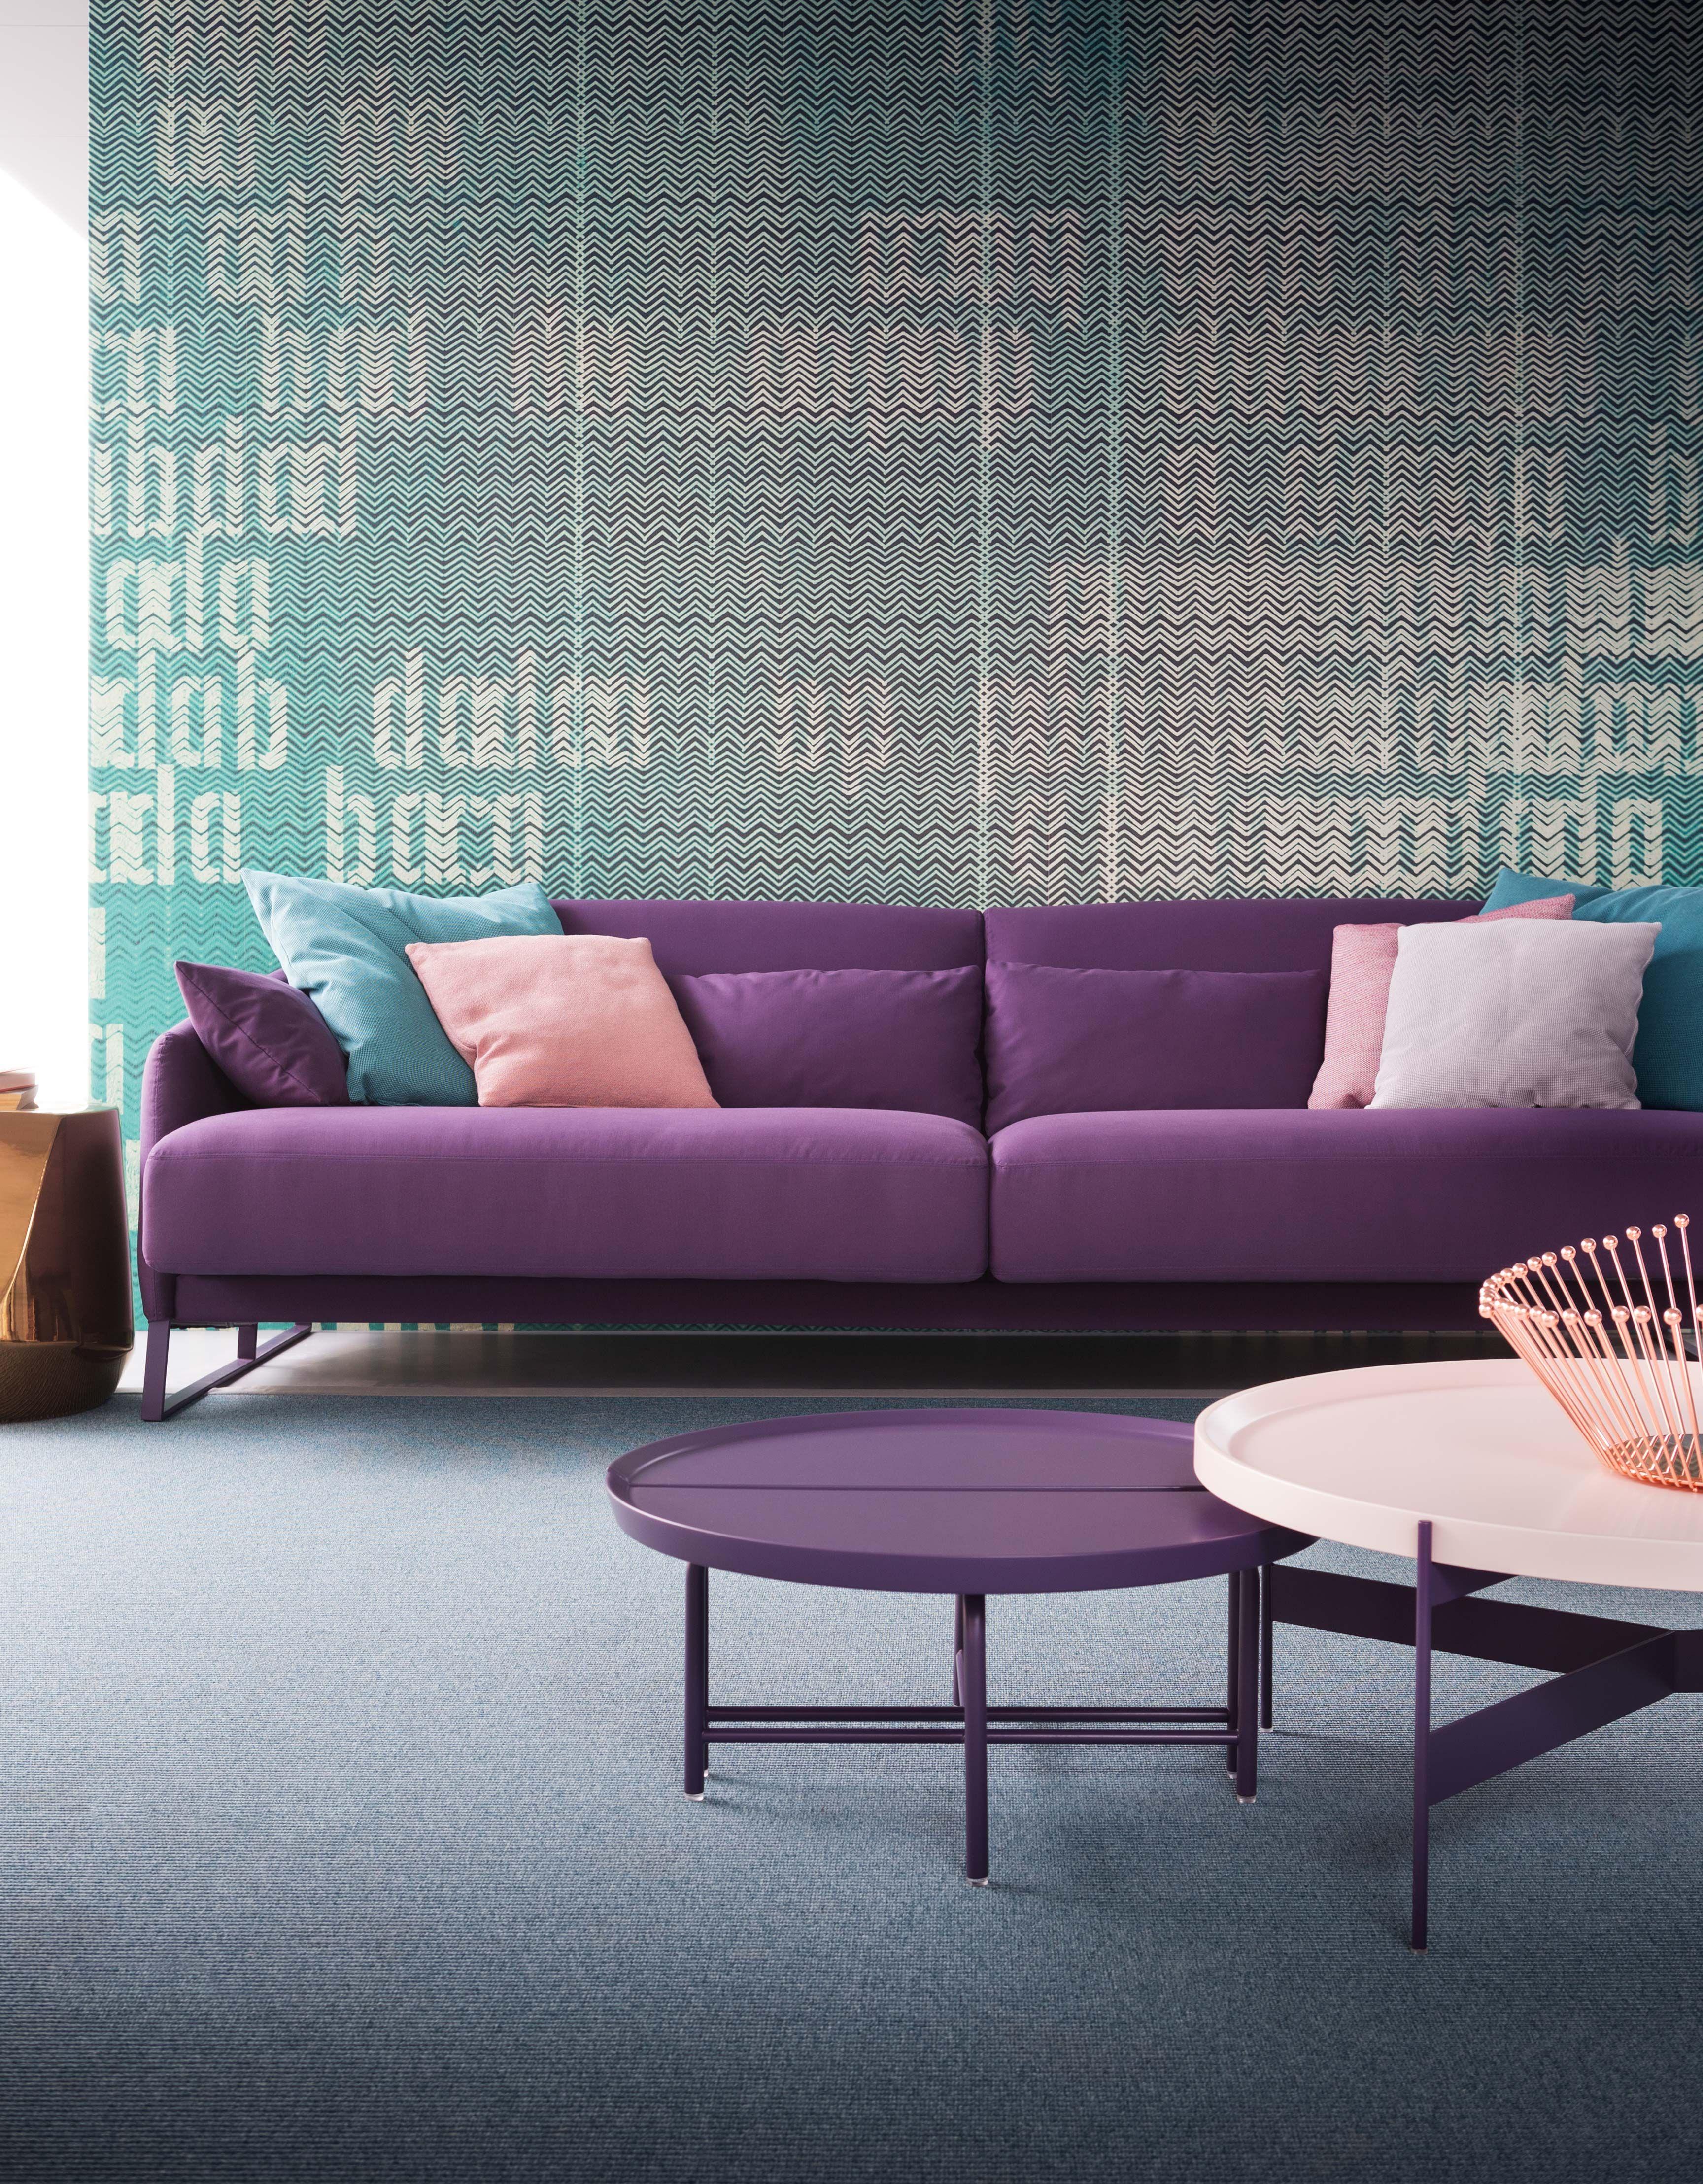 asolo divano in tessuto con basamento laccato melanzana, abaco, 1+ ... - Tavolino Laccato Company